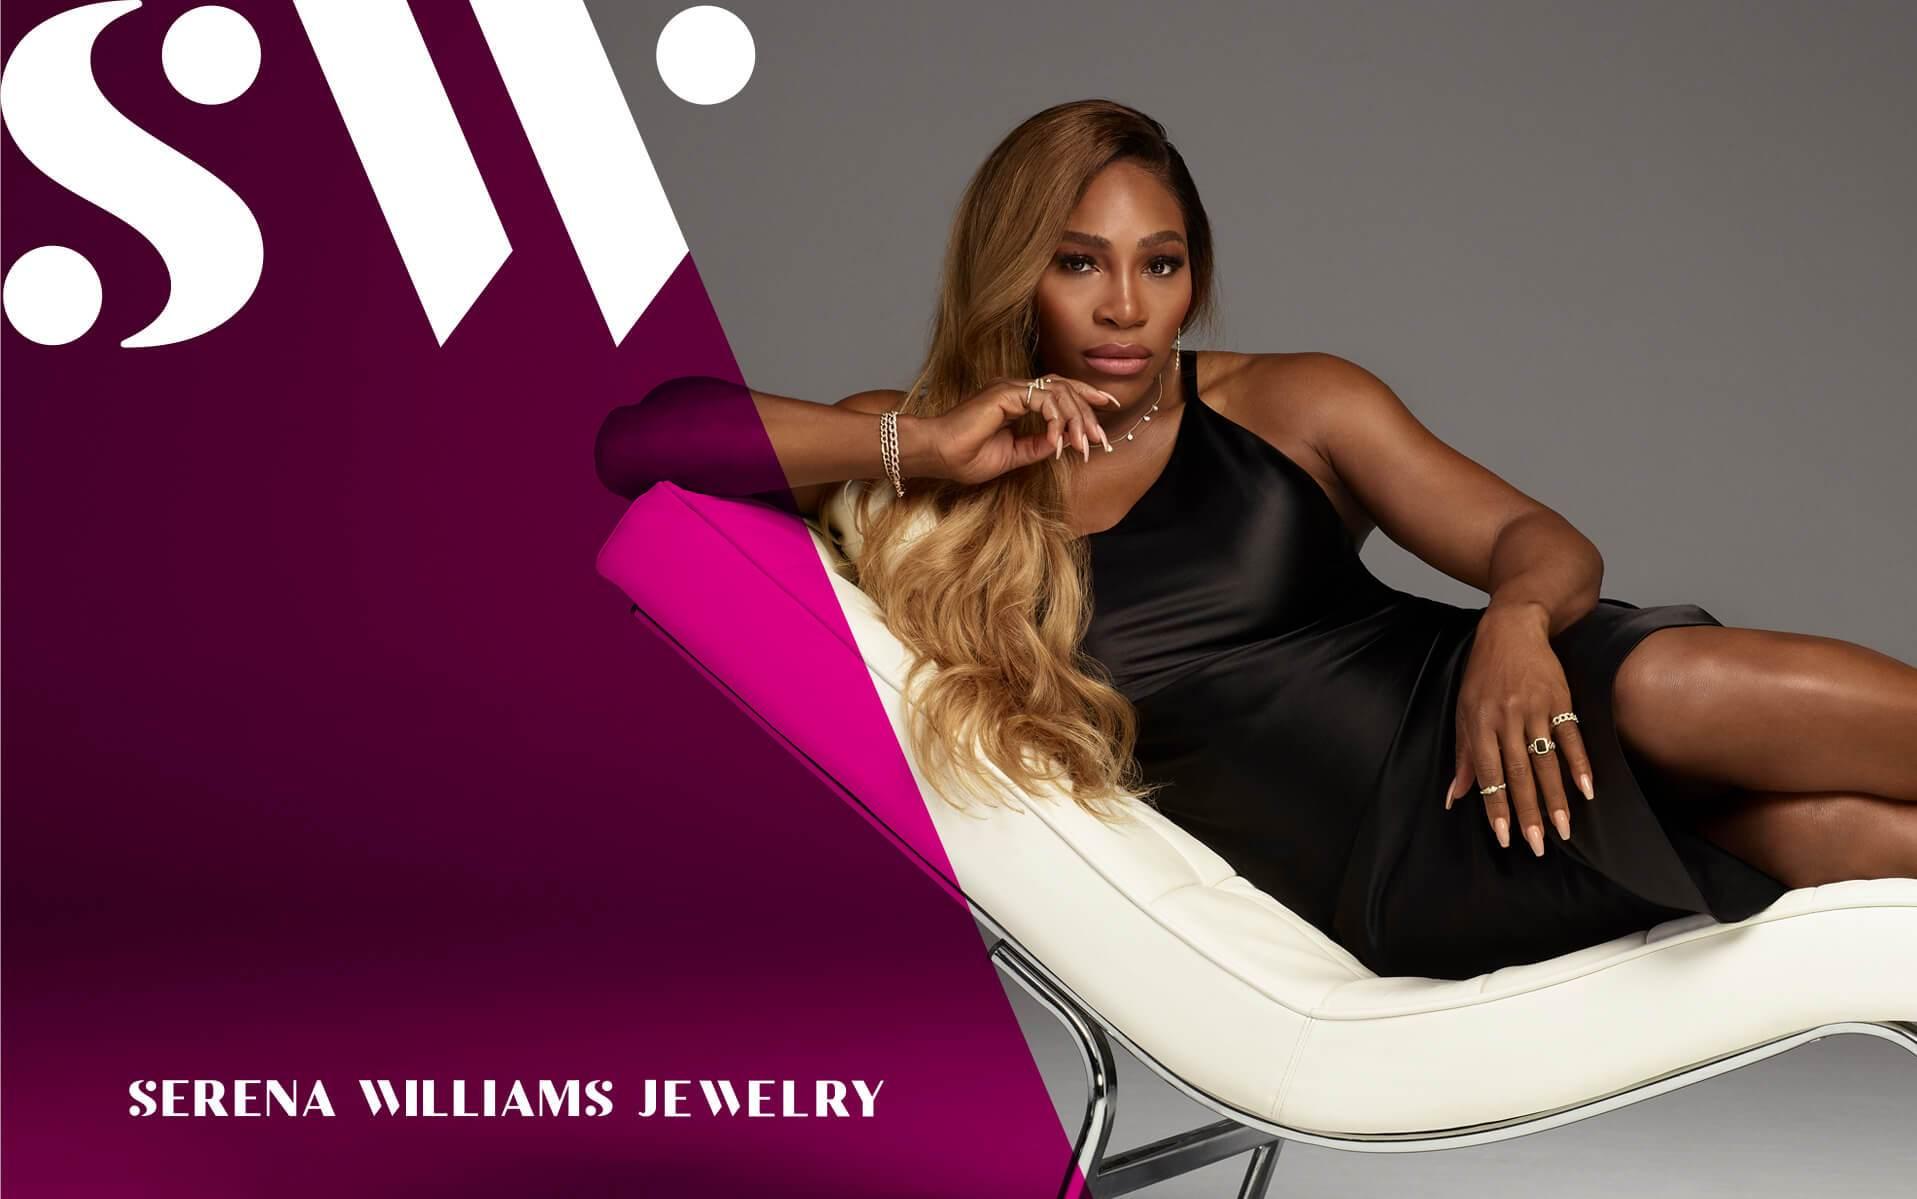 Serena Williams isi lanseaza o noua afacere!